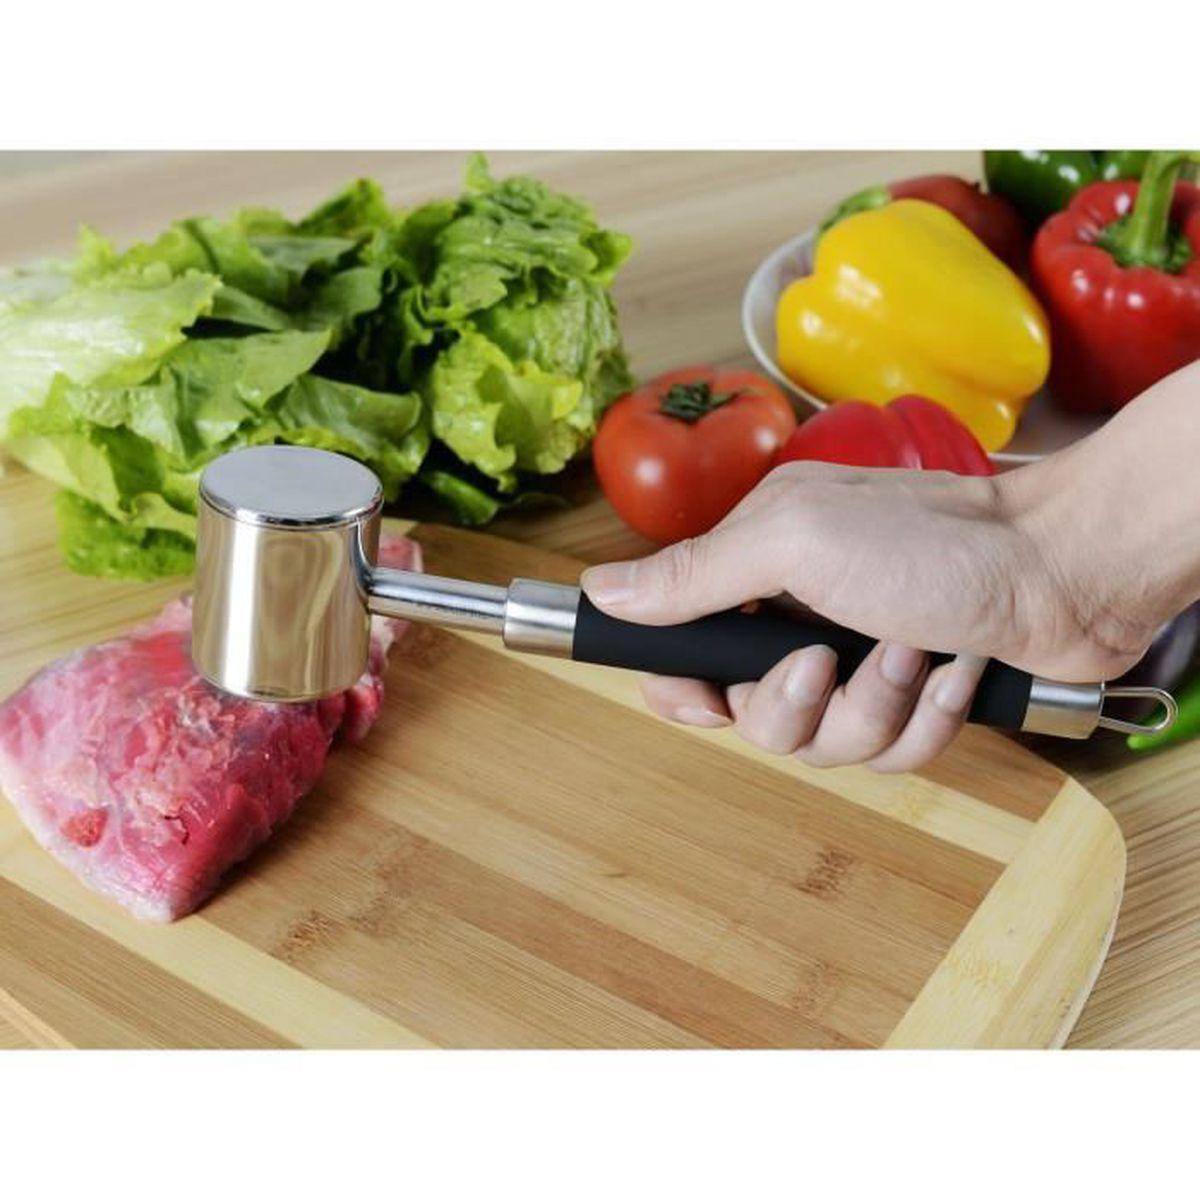 acier inoxydable viande marteau pounder avec poign e non silicone slip pour pounding achat. Black Bedroom Furniture Sets. Home Design Ideas